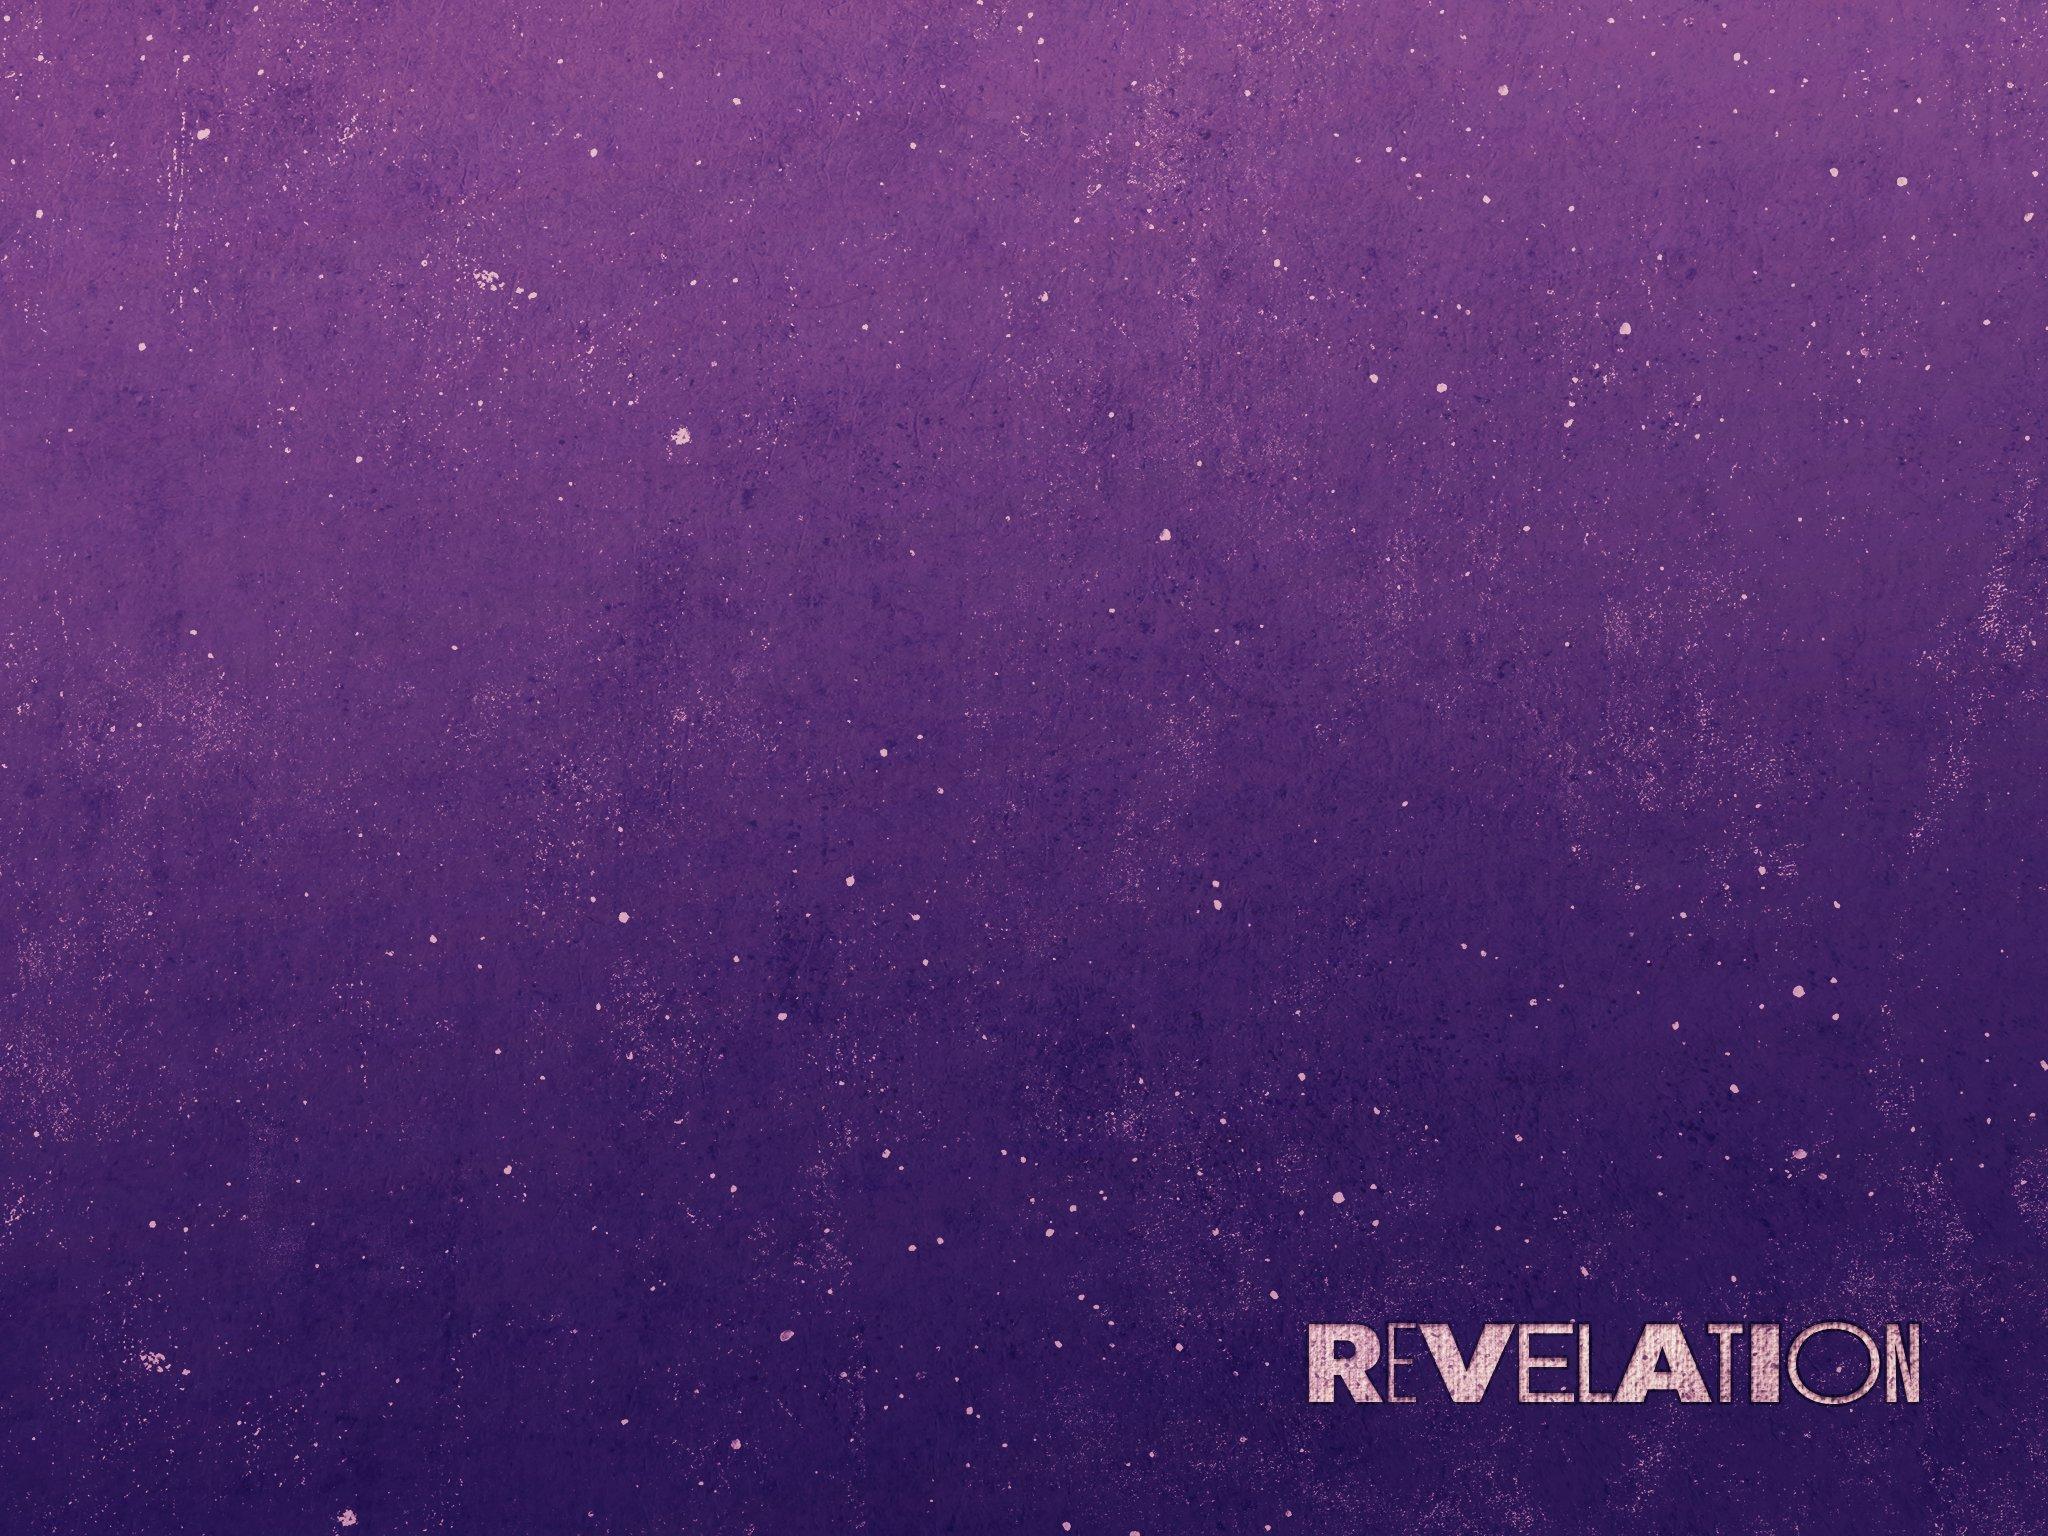 66-Revelation_Secondary_4x3-fullscreen.jpg